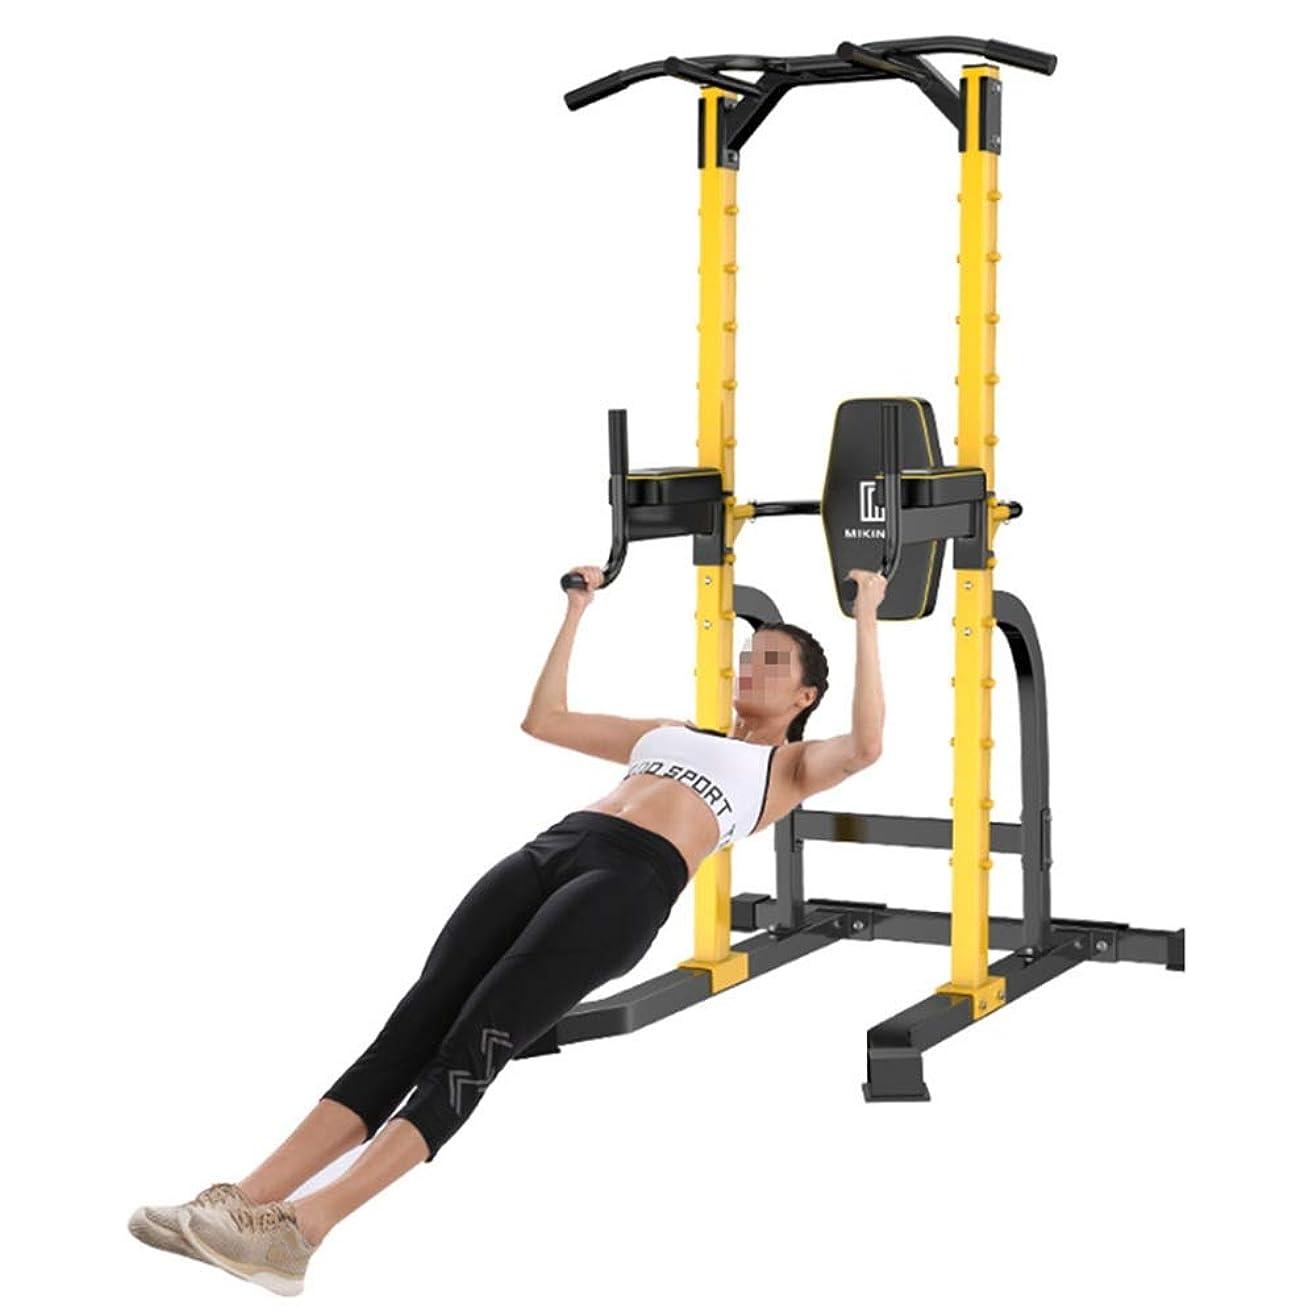 良い照らすビーチ懸垂マシン マルチジ 引き上げ棒ディップスタンド筋力トレーニングホームオフィスジムフィットネス機器 ディップスタンド (色 : 黄, サイズ : 208*104*103CM)